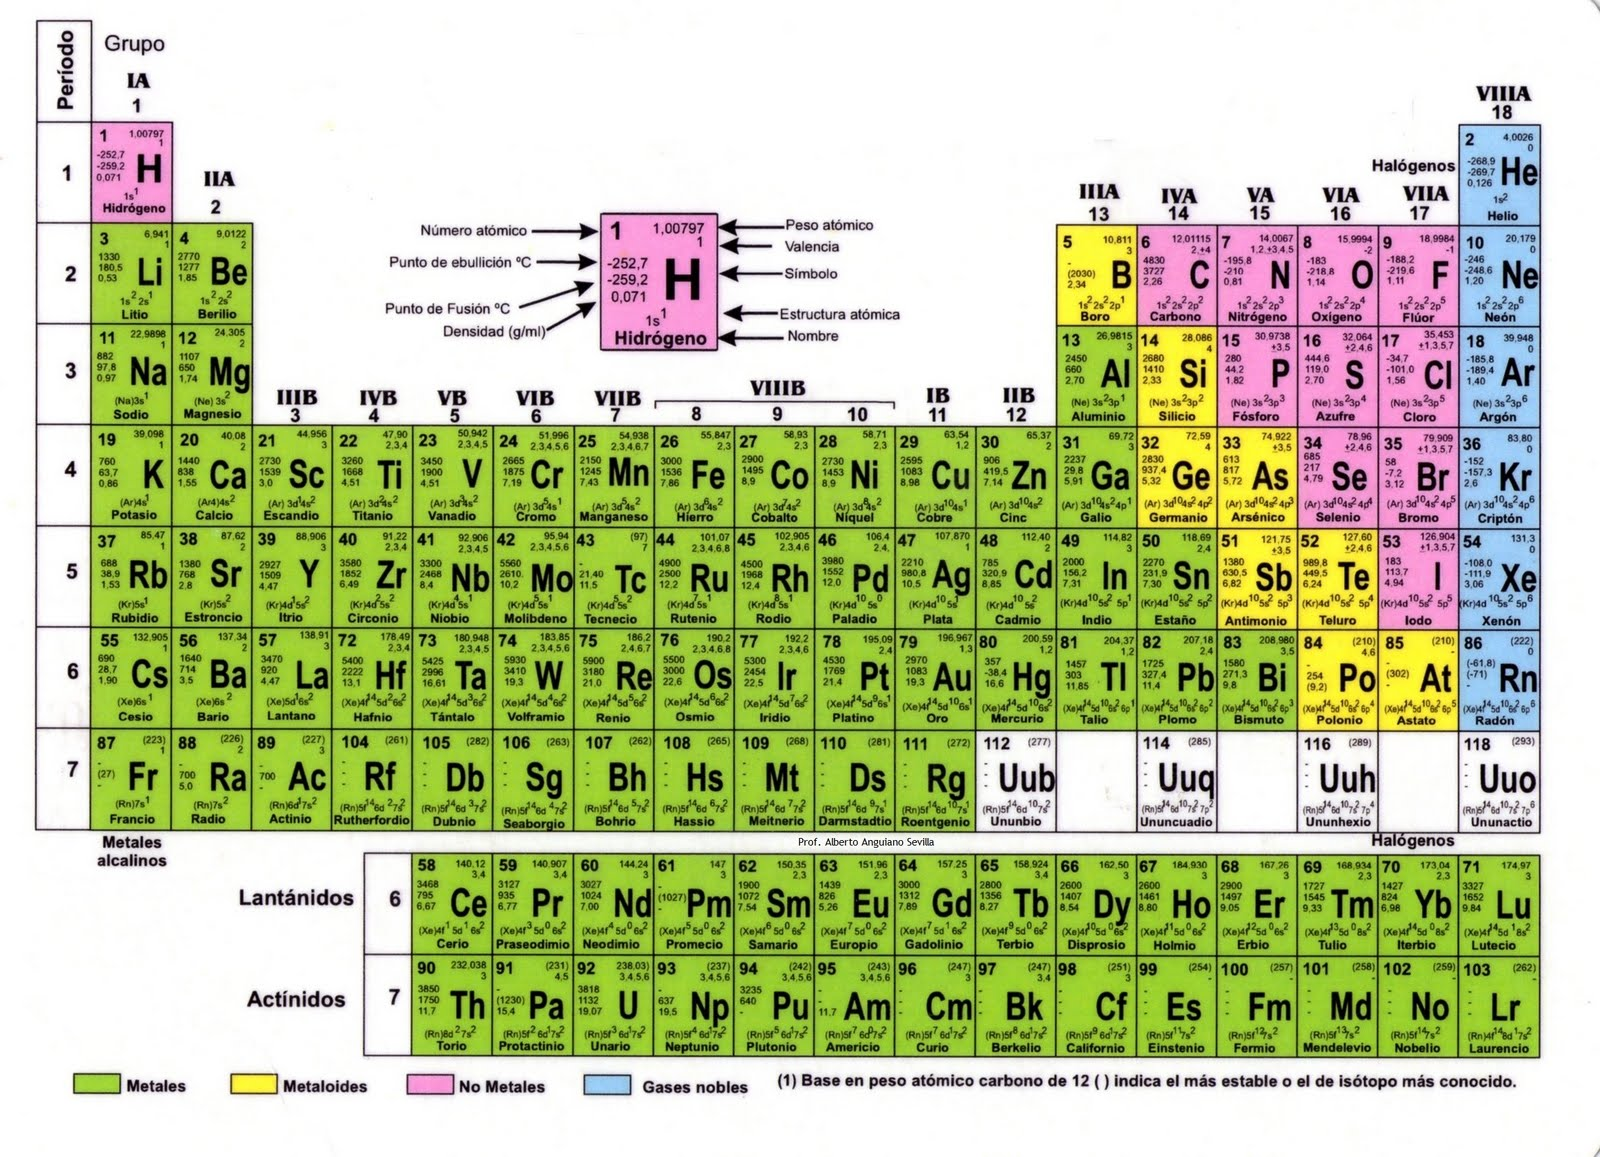 La tabla periodica ptable tabla peri dica de los elementos din mica la tabla periodica urtaz Image collections